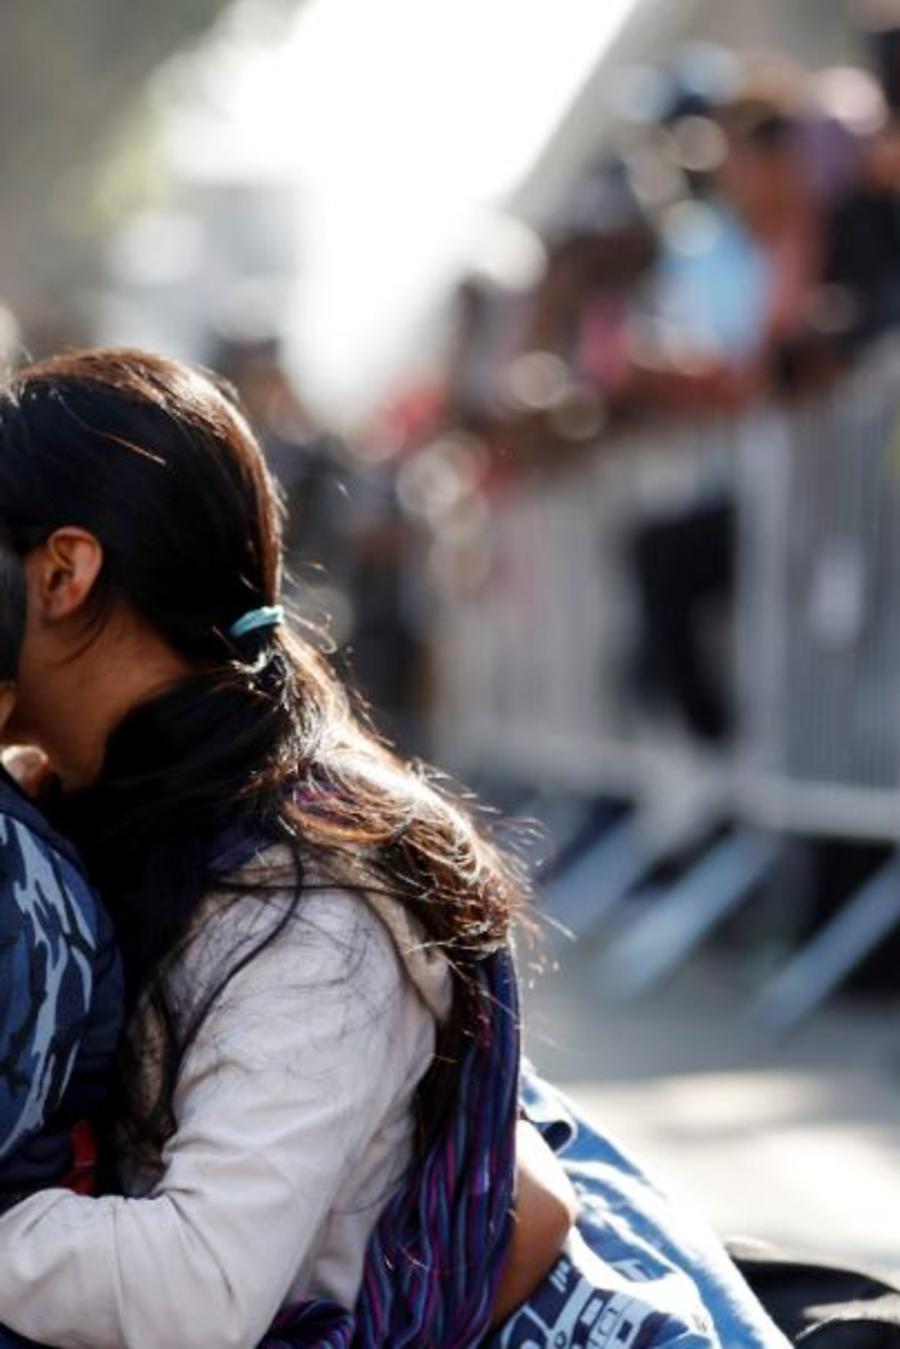 Una mujer y su hijo esperan para solicitar asilo en Estados Unidos a lo largo de la frontera, el martes 16 de julio de 2019, en Tijuana, México.